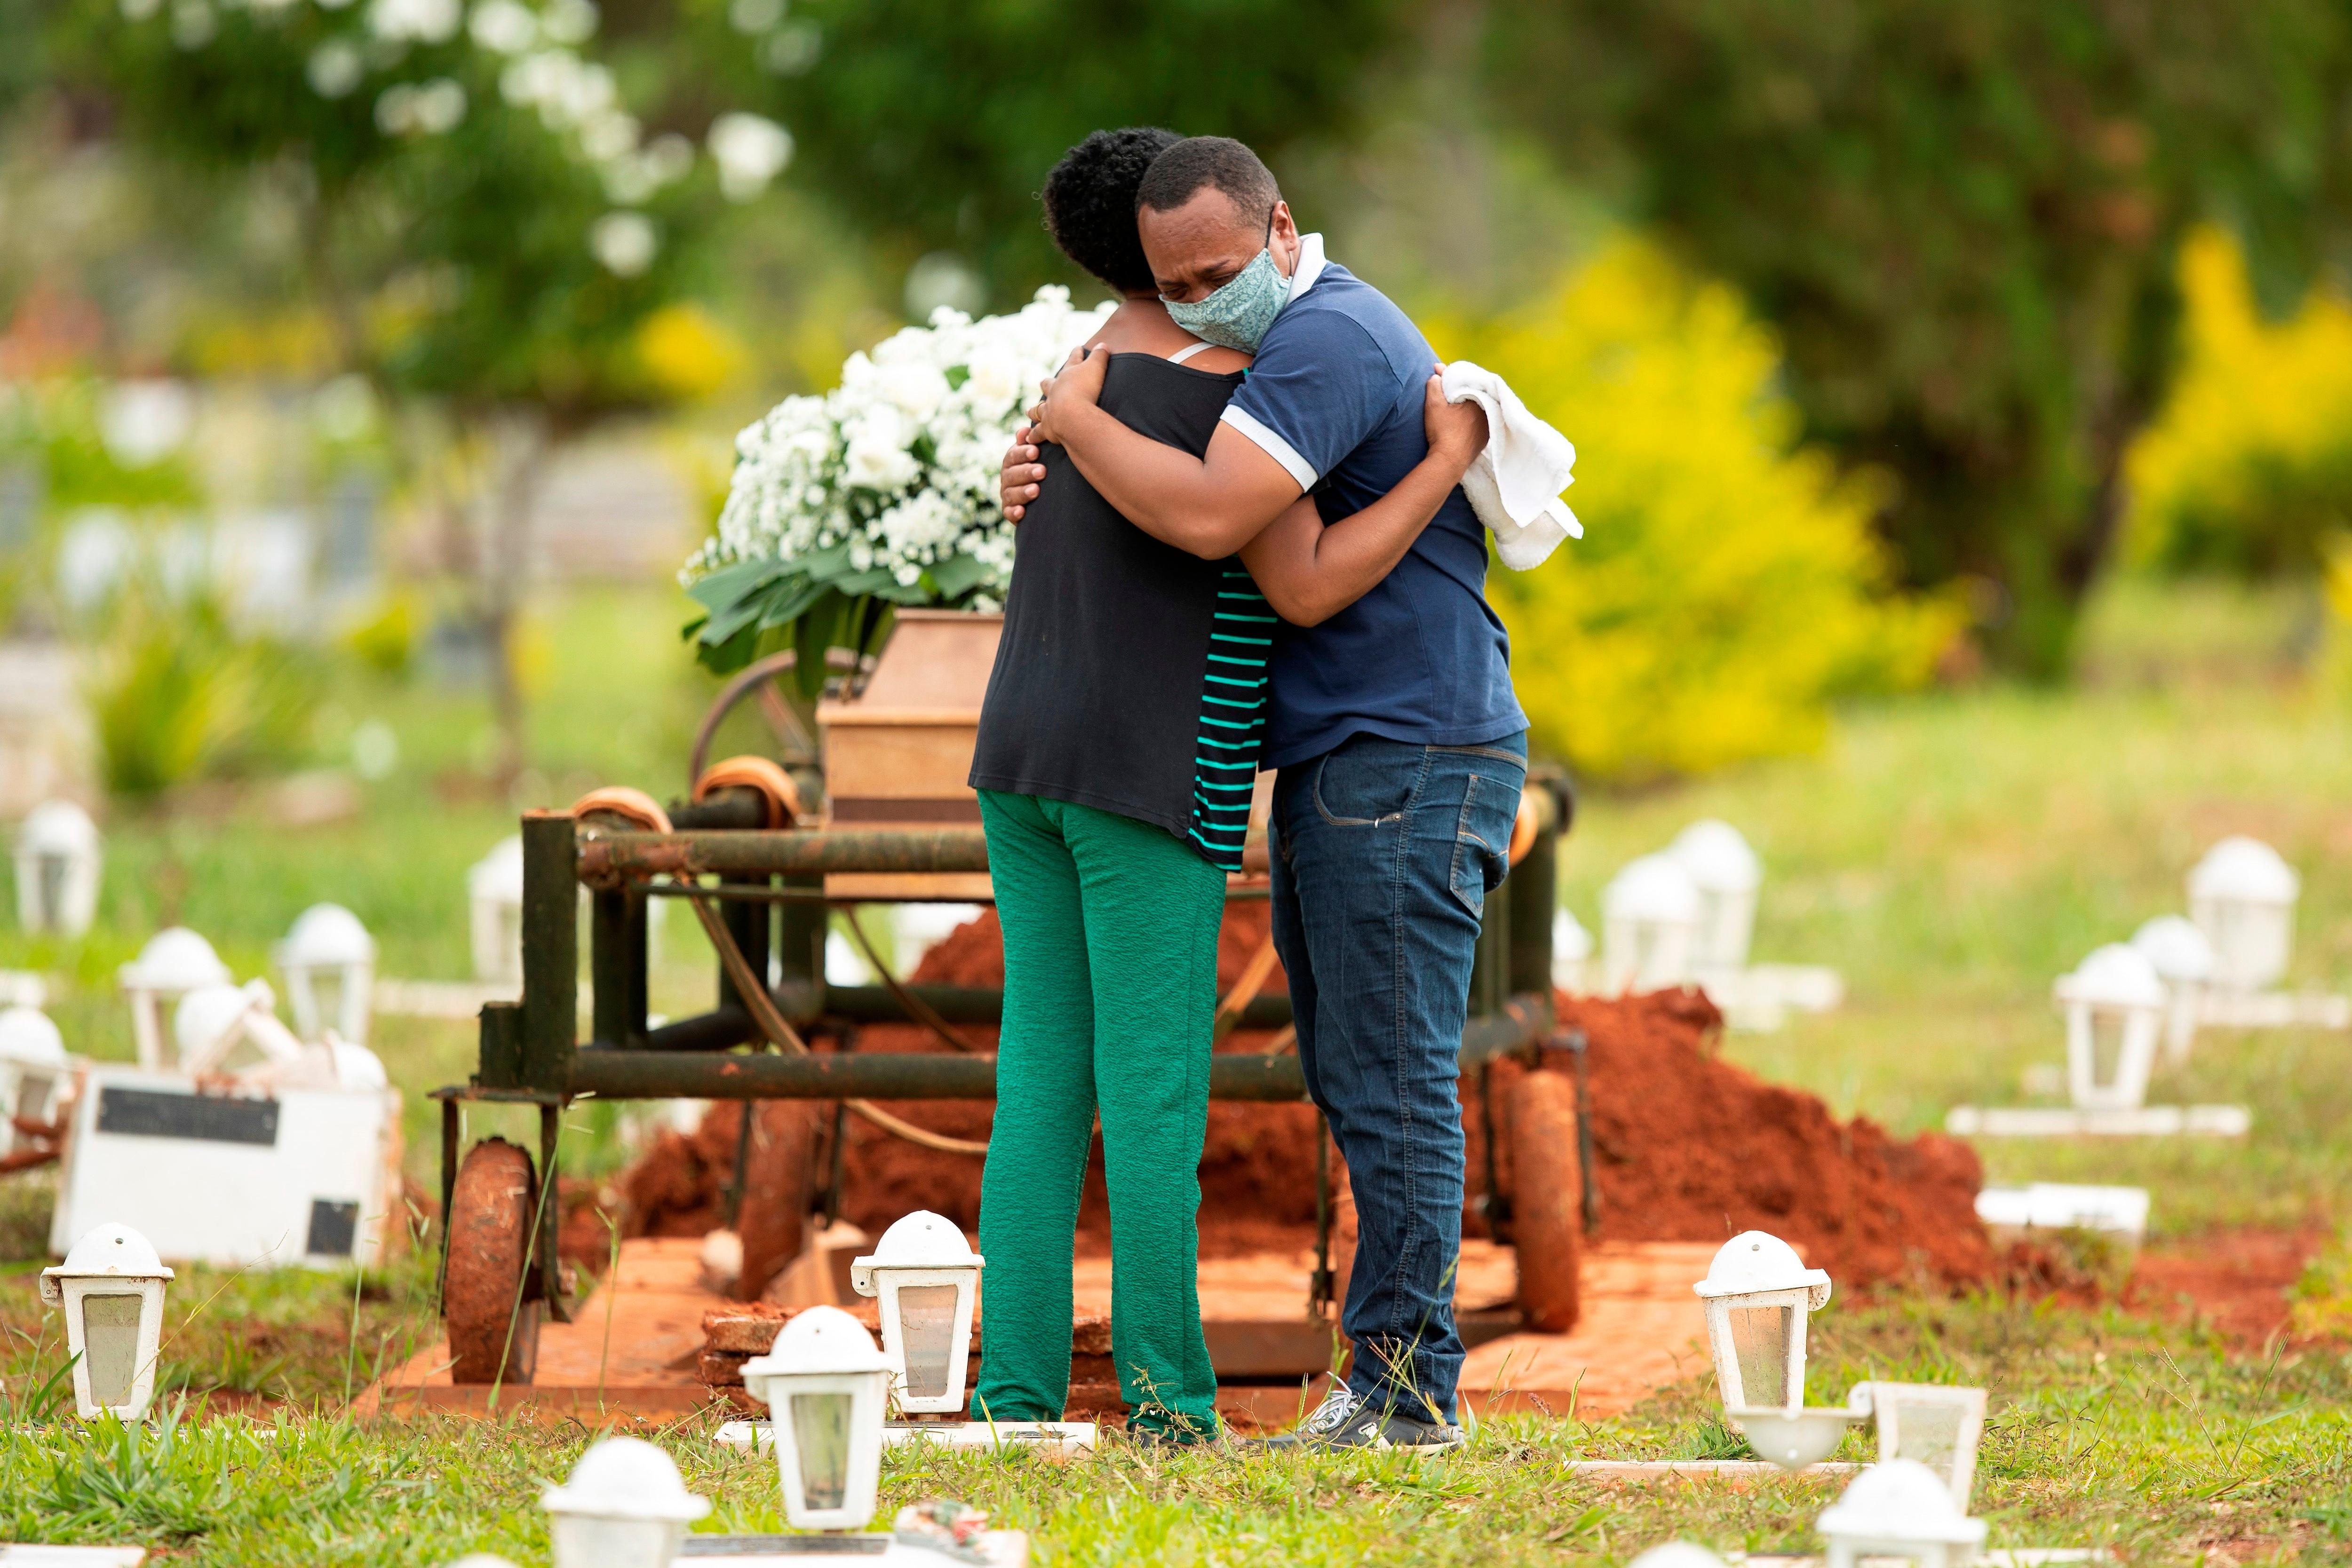 Un epidemiologo advirtió que el rastreador mostró decenas de miles de muertes más de las esperadas, aproximadamente un 25% más que la cifra oficial de muertes por COVID-19 (Reuters)